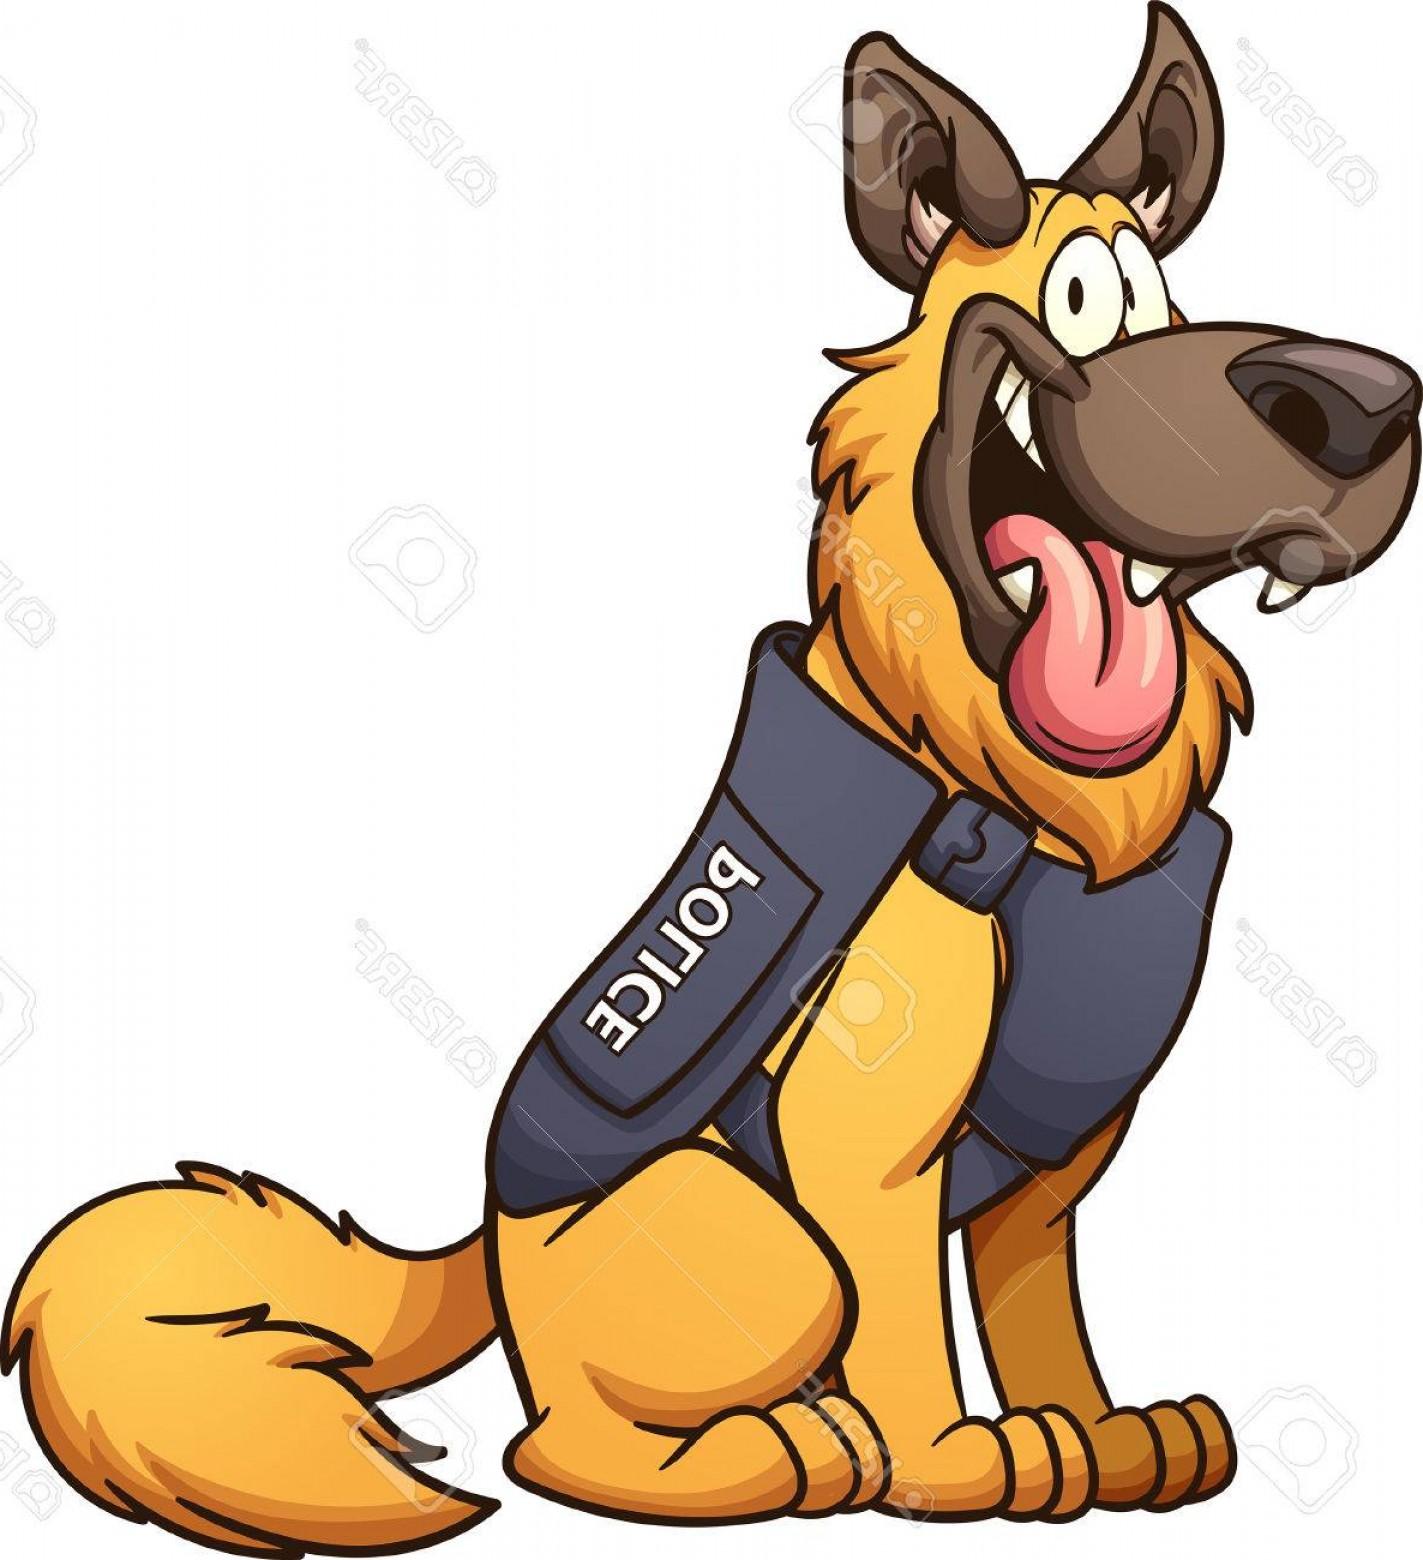 1423x1560 Vector Clip Art Of Dogs Shopatcloth